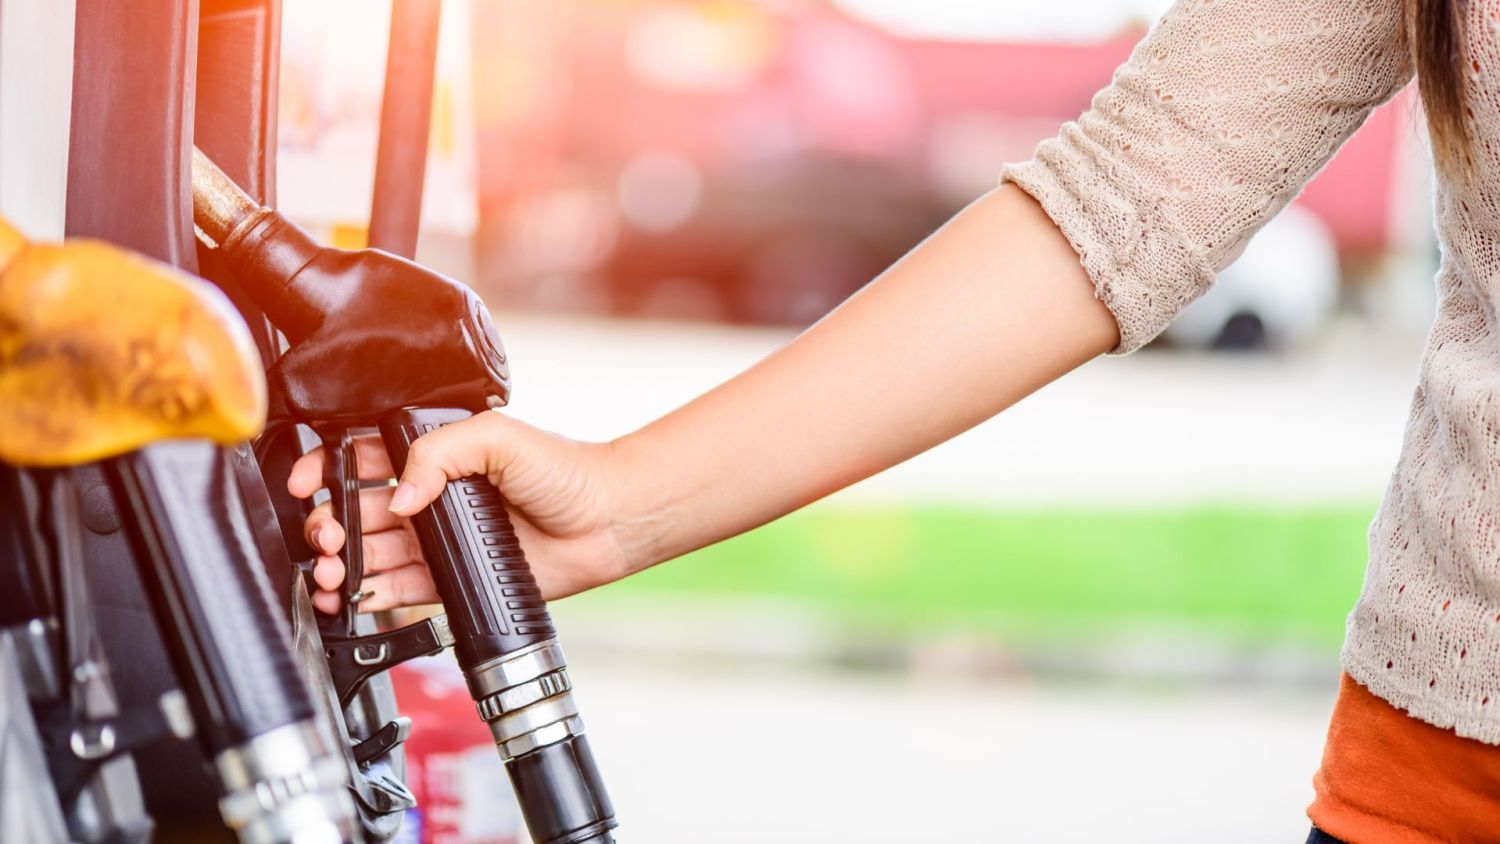 fuel price rises saudi attacks